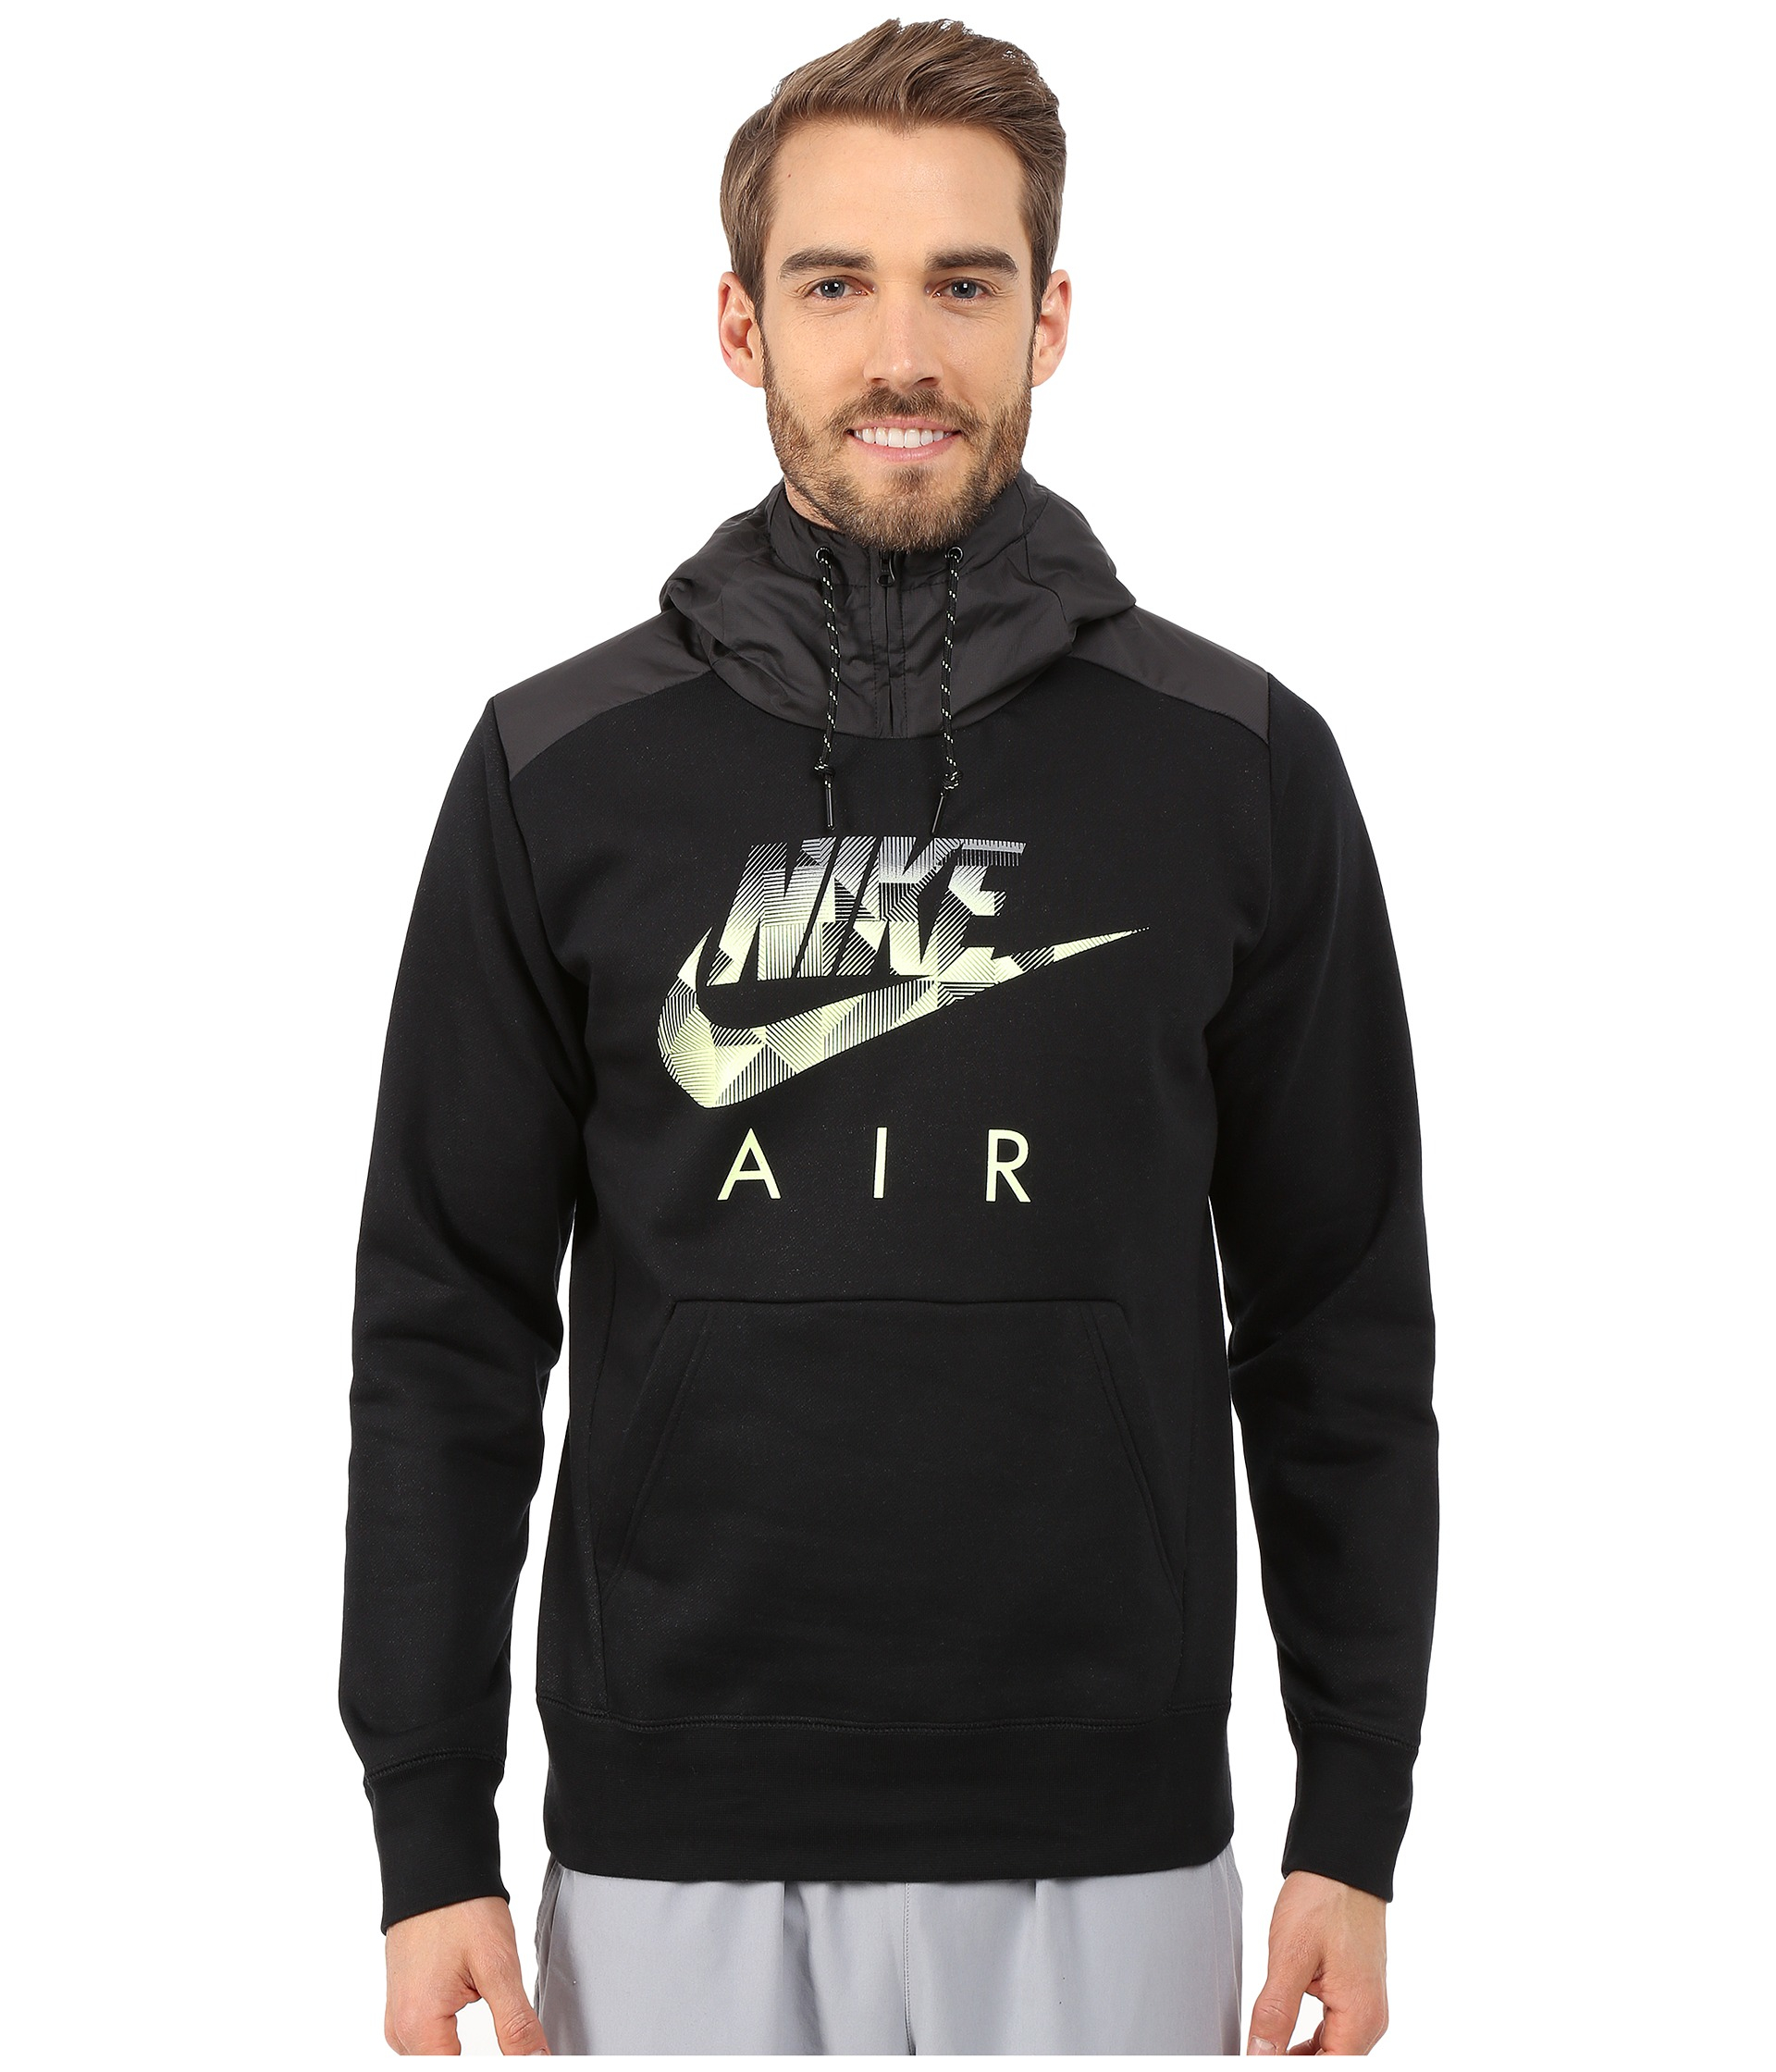 Hãng Nike đã bắt kịp xu hướng này và cho ra mắt mẫu áo hoodie air cực cá tính trong mùa thu năm nay